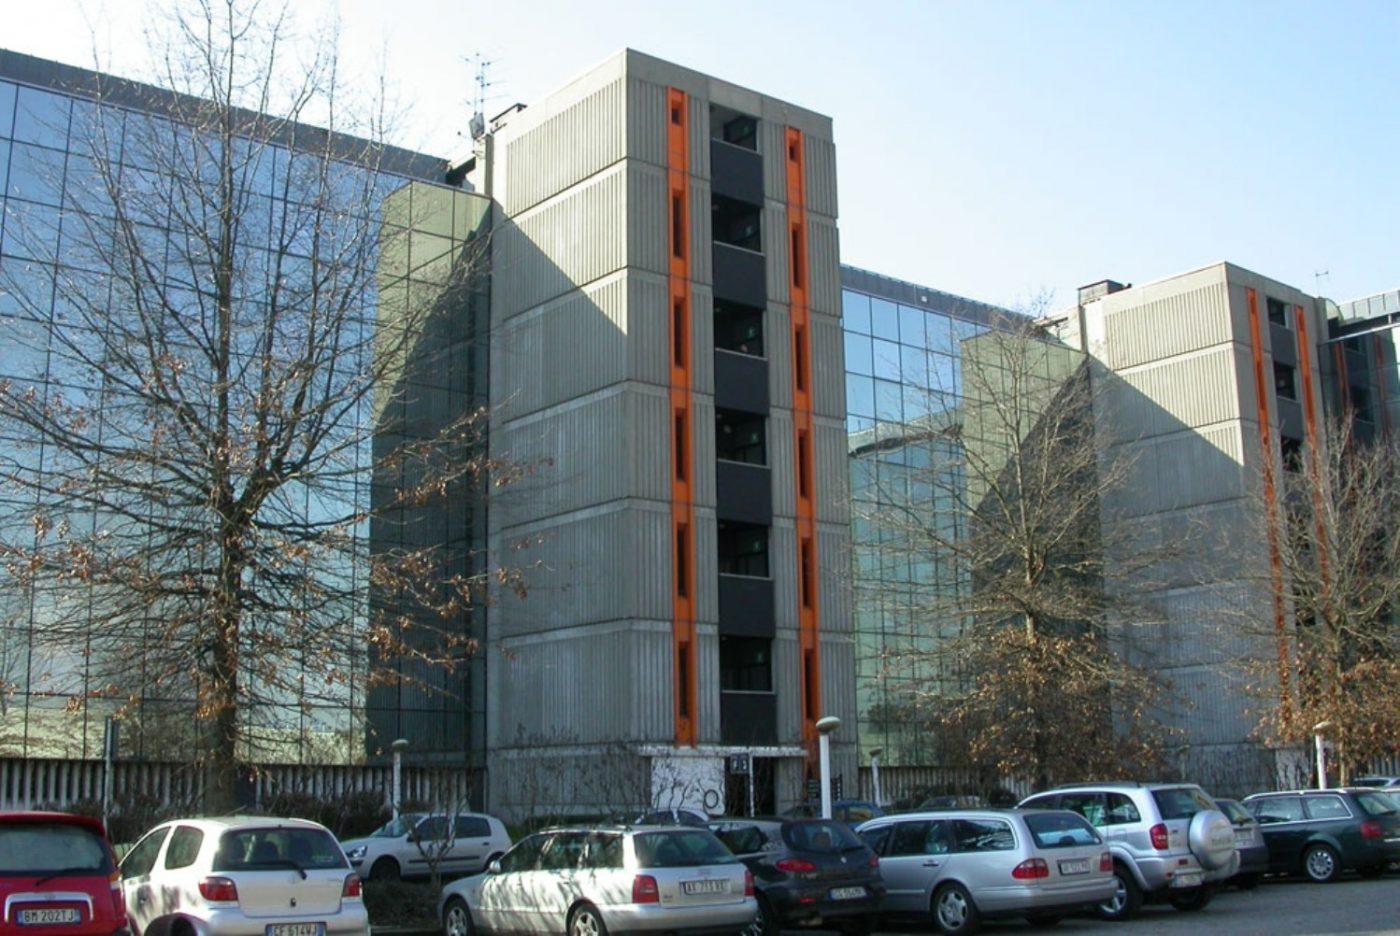 Contracción del mercado interior y exterior para los fabricantes italianos de maquinaria